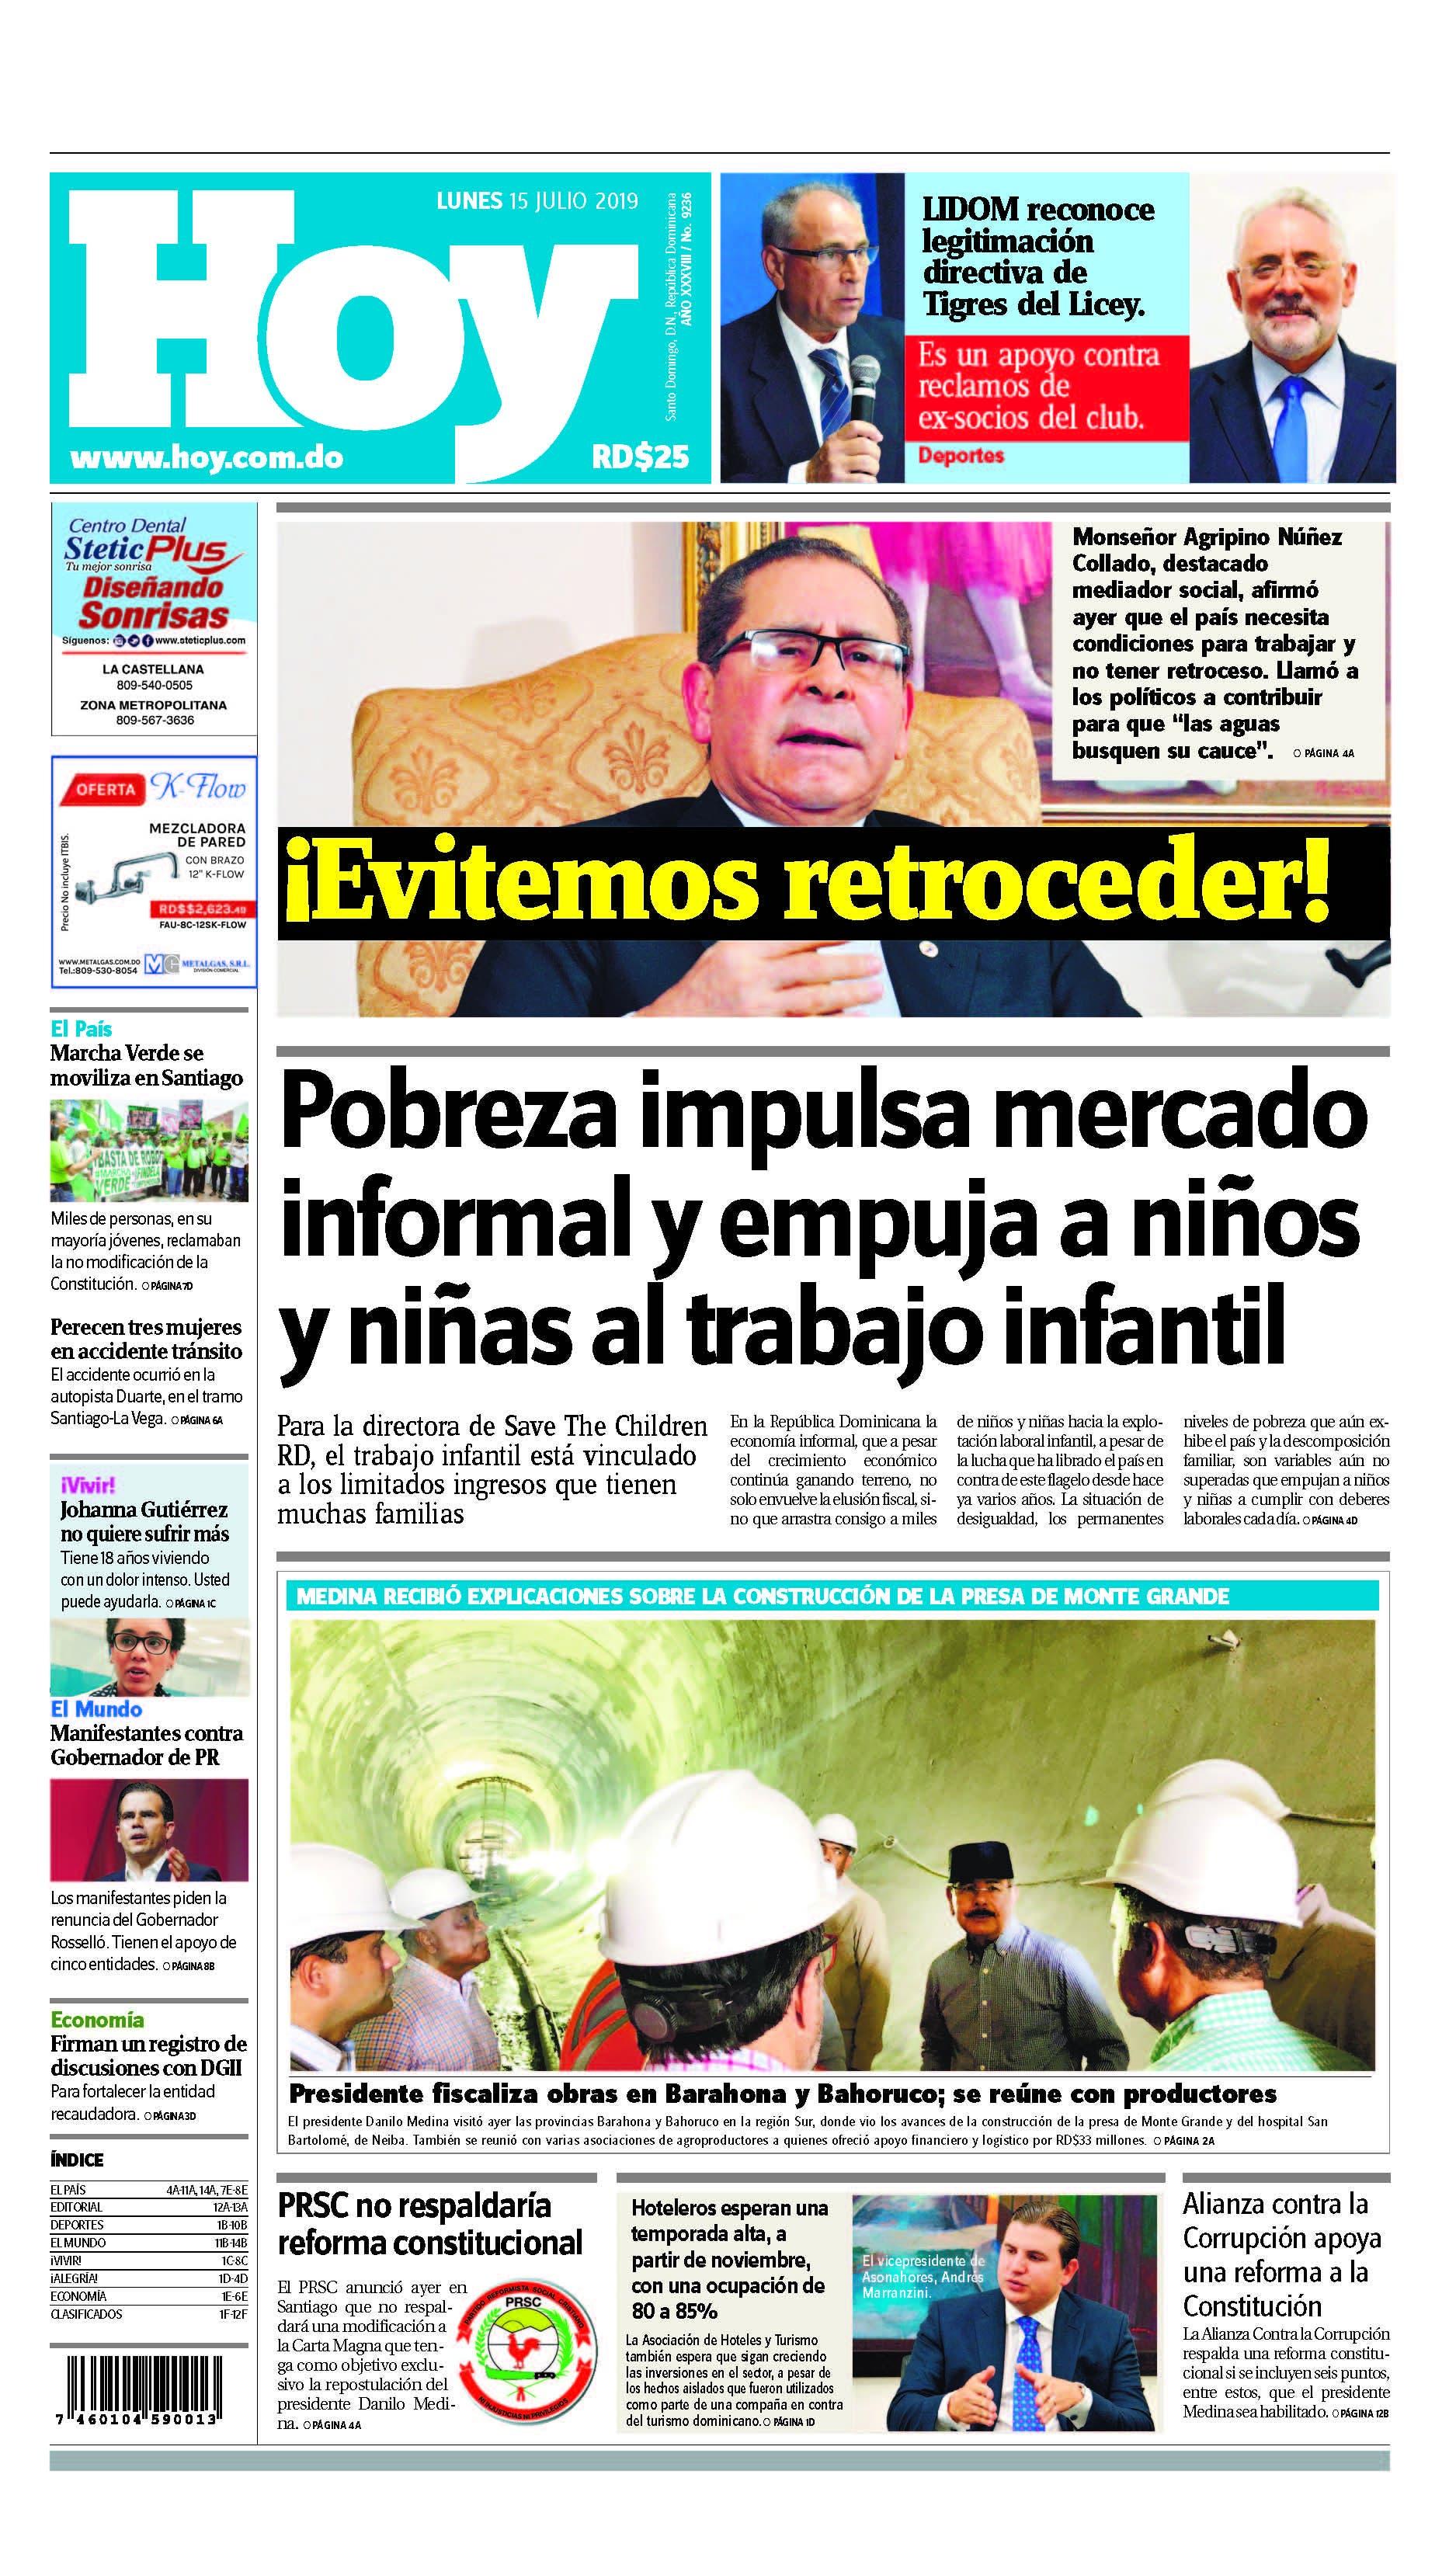 Pages from Edición impresa HOY lunes 15 de julio del 2019